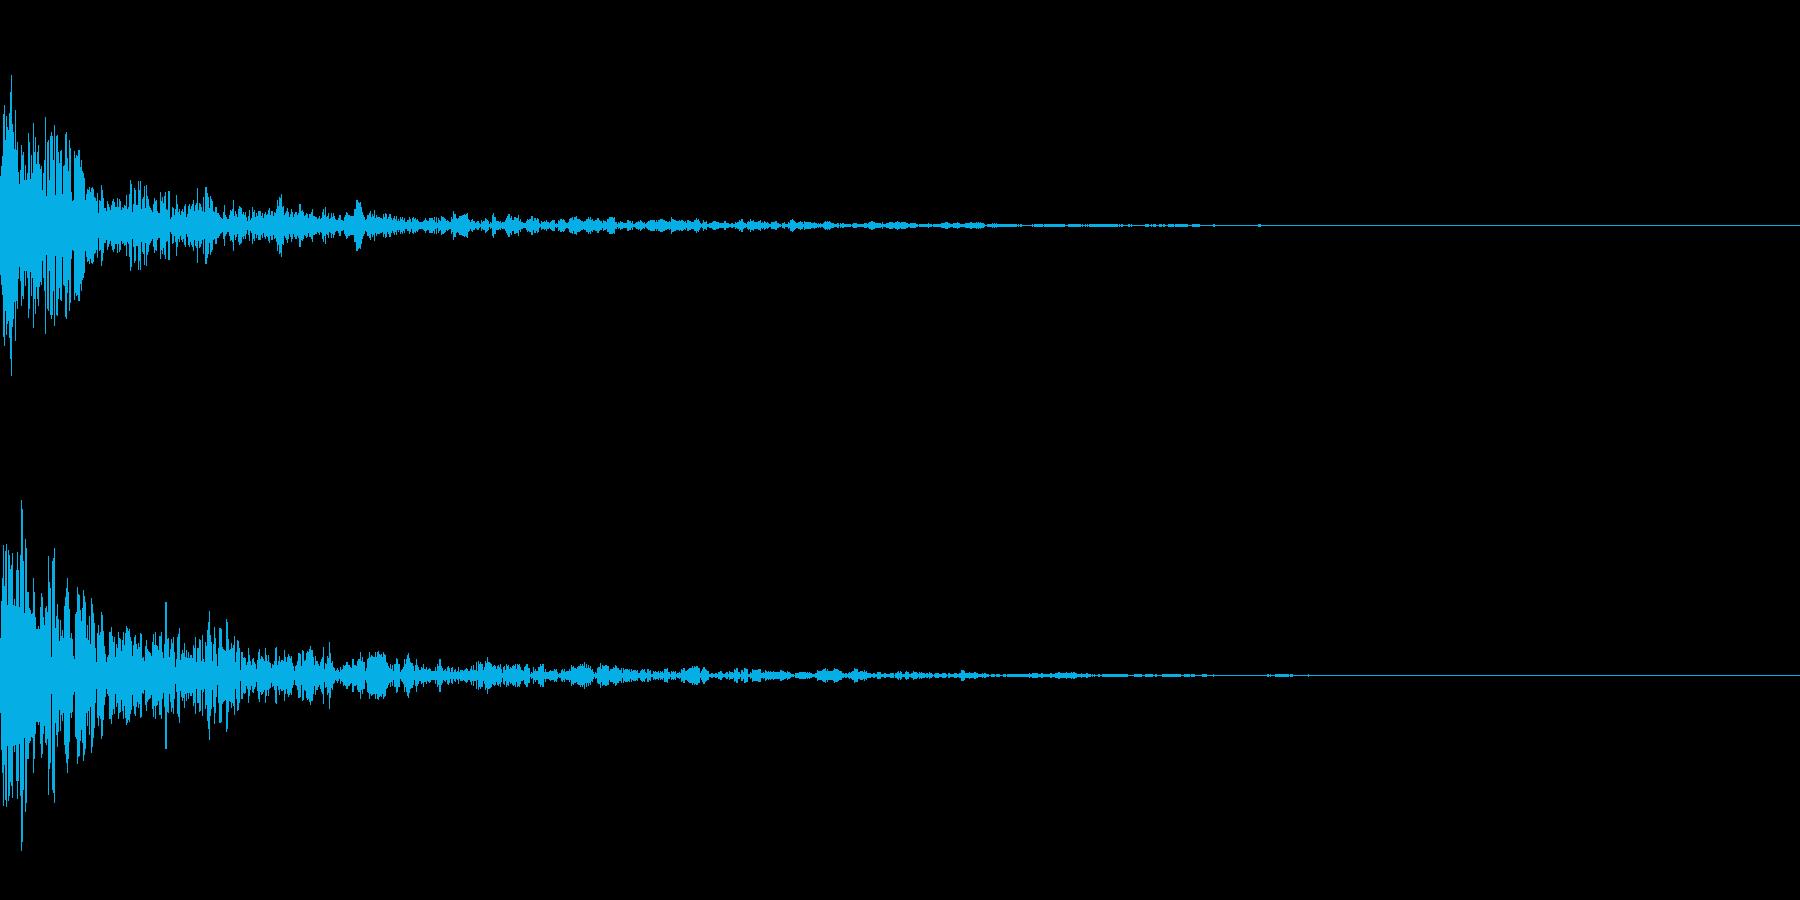 ドーン-37-1(インパクト音)の再生済みの波形